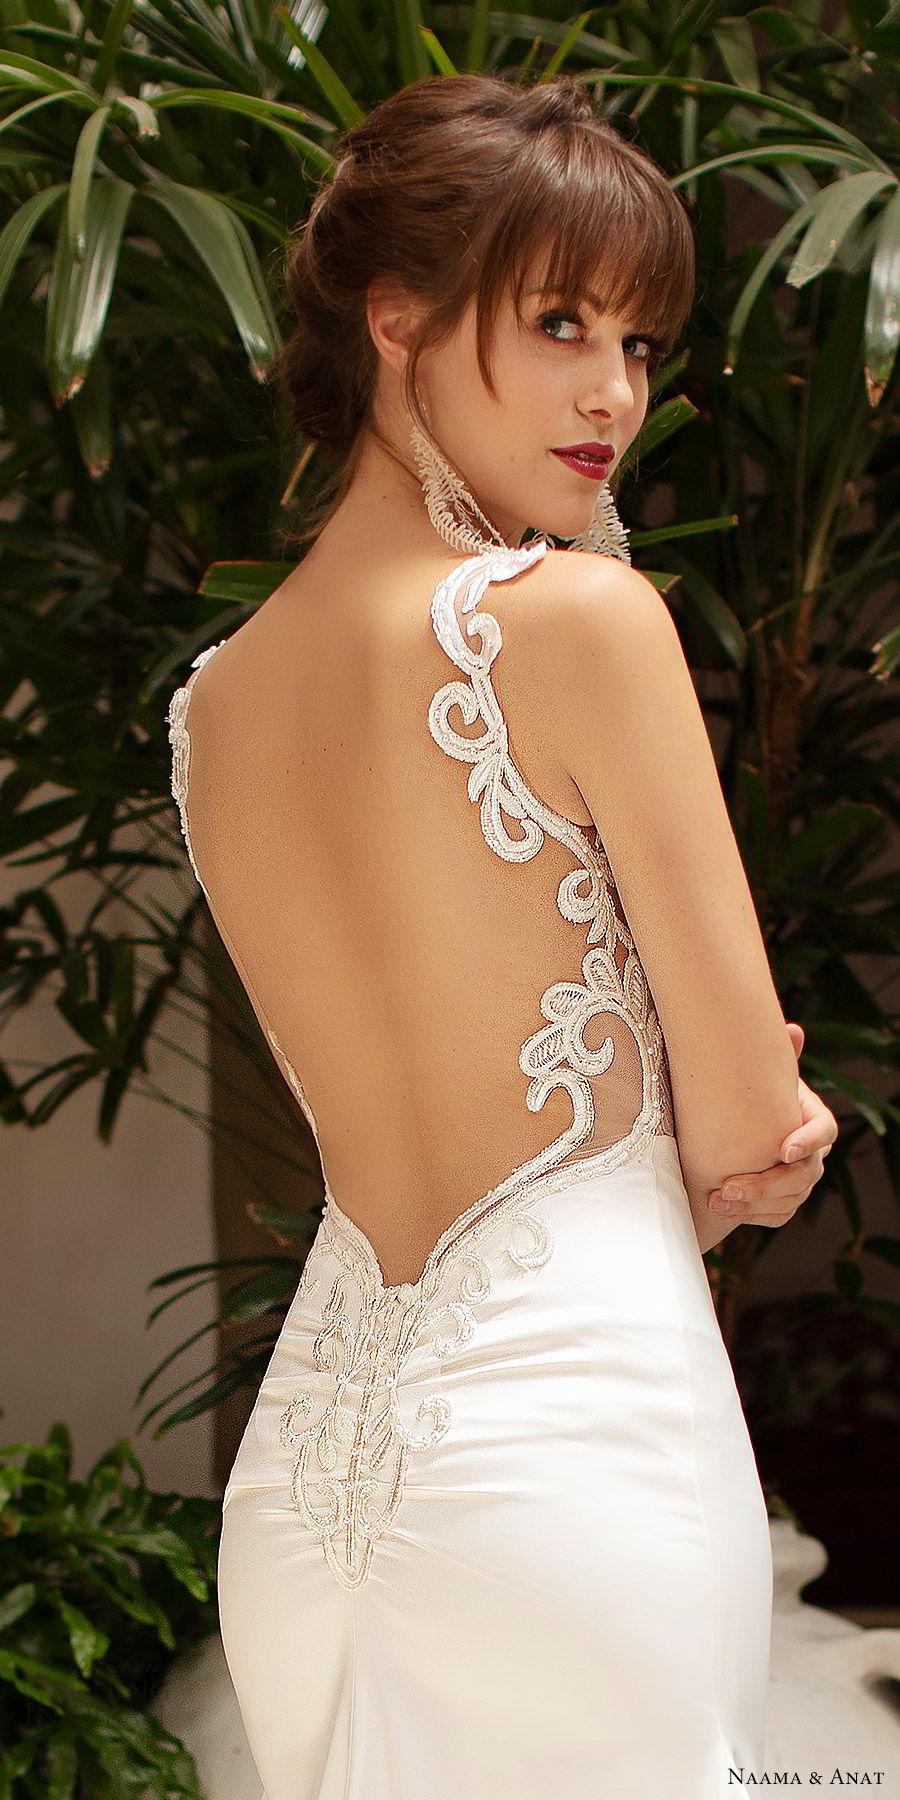 naama anat 2019 bridal sleeveless beaded straps embellished bodice fit flare wedding dress chapel train elegant romantic (1) zbv